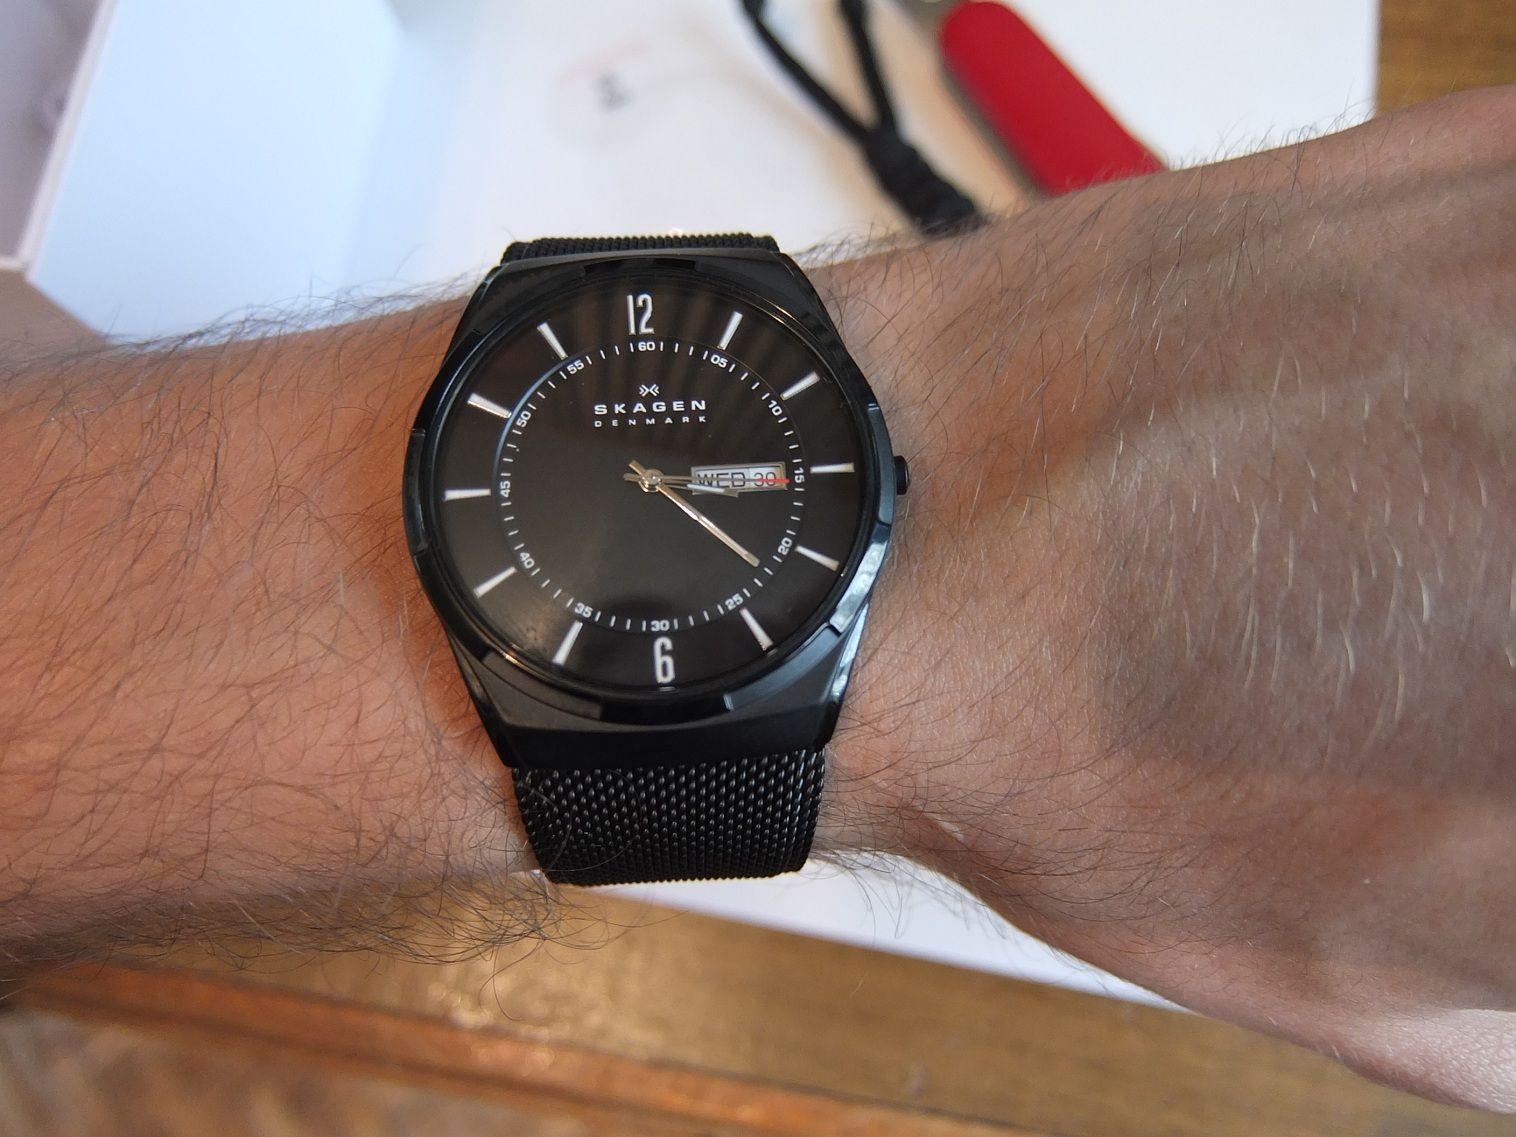 Hình ảnh thực tế của chiếc đồng hồ nam Skagen đẹp khó cưỡng